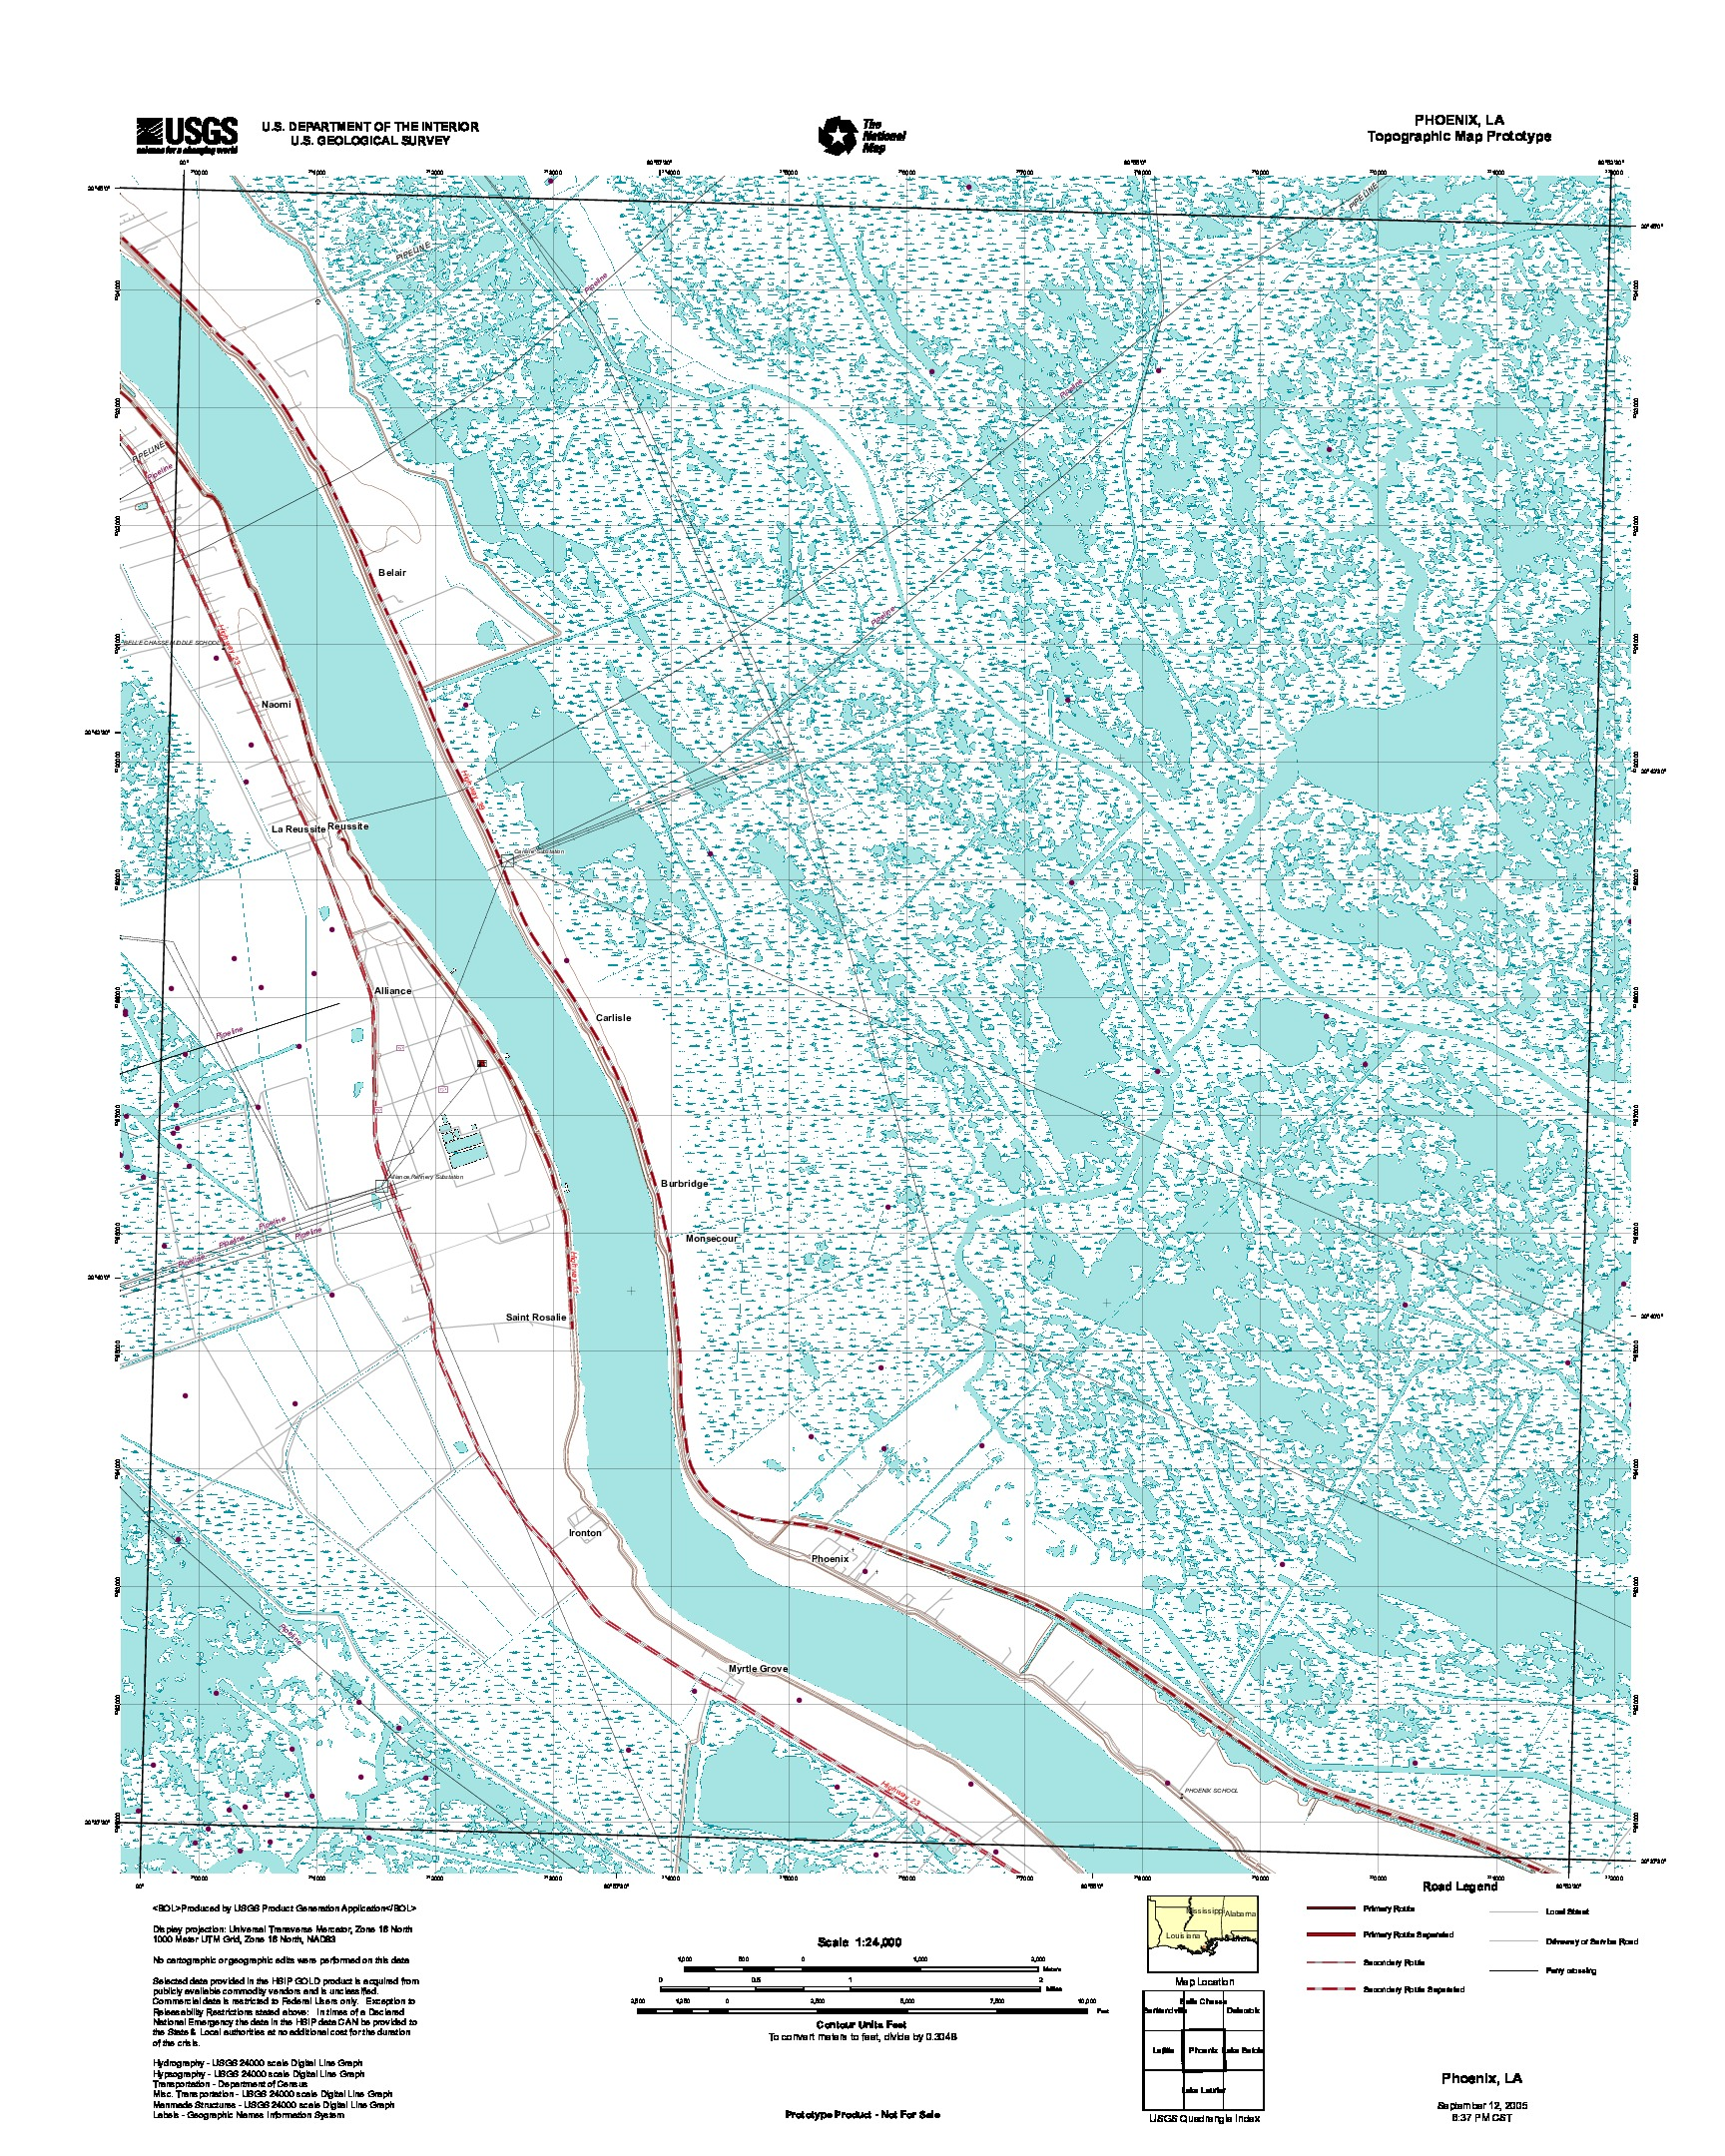 Prototipo de Mapa Topográfico de Phoenix, Luisiana, Estados Unidos, Septiembre 12, 2005